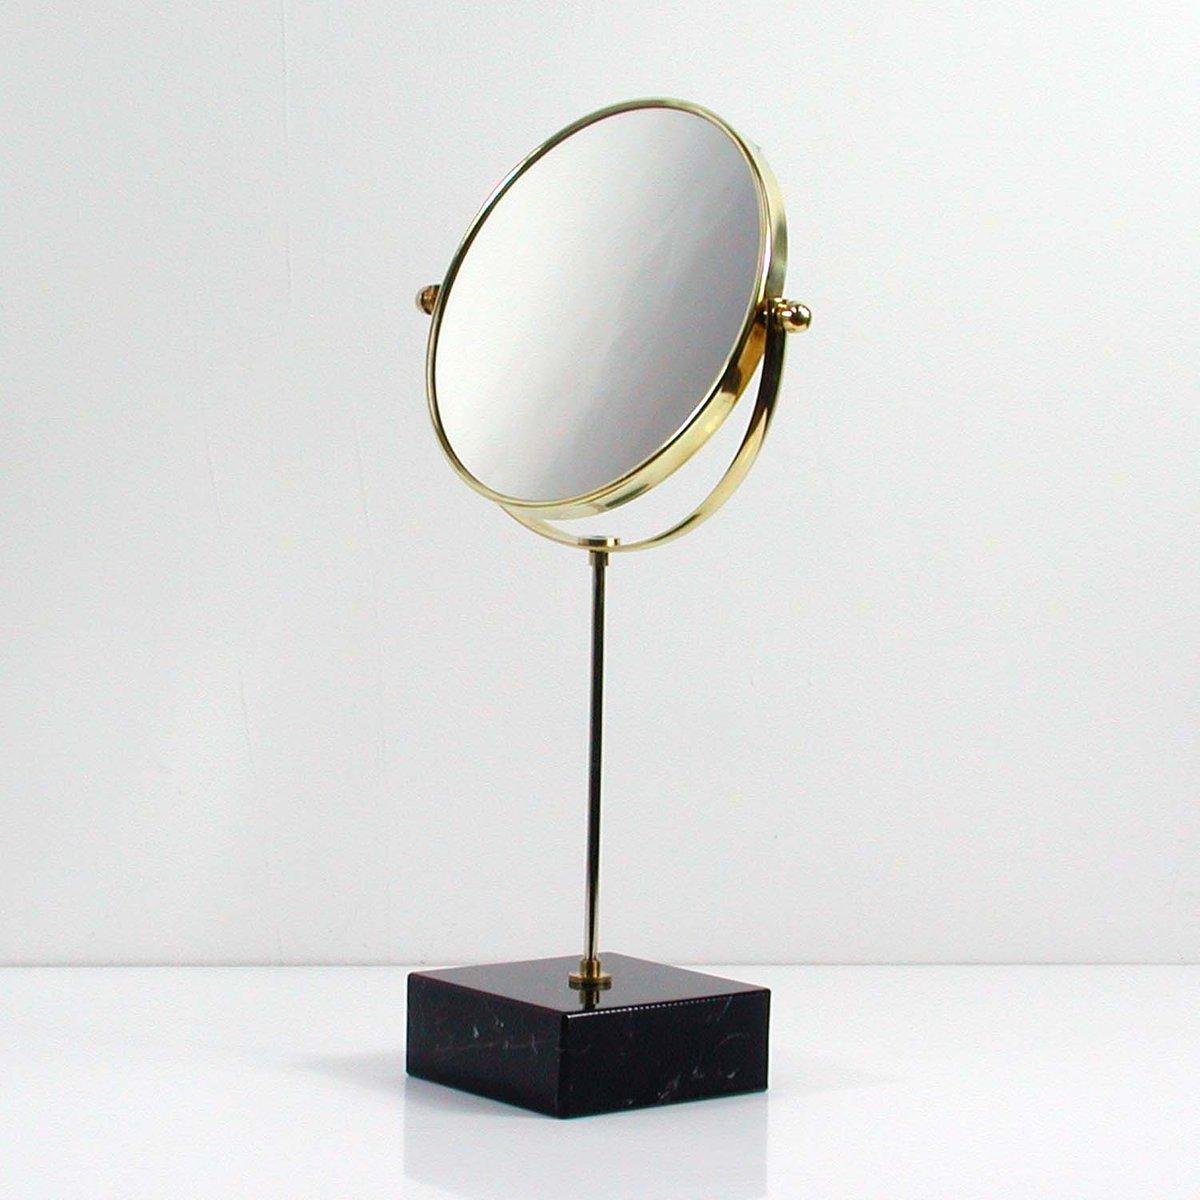 Specchio da tavolo mid century in marmo ed ottone italia anni 39 50 in vendita su pamono - Specchio da tavolo ...